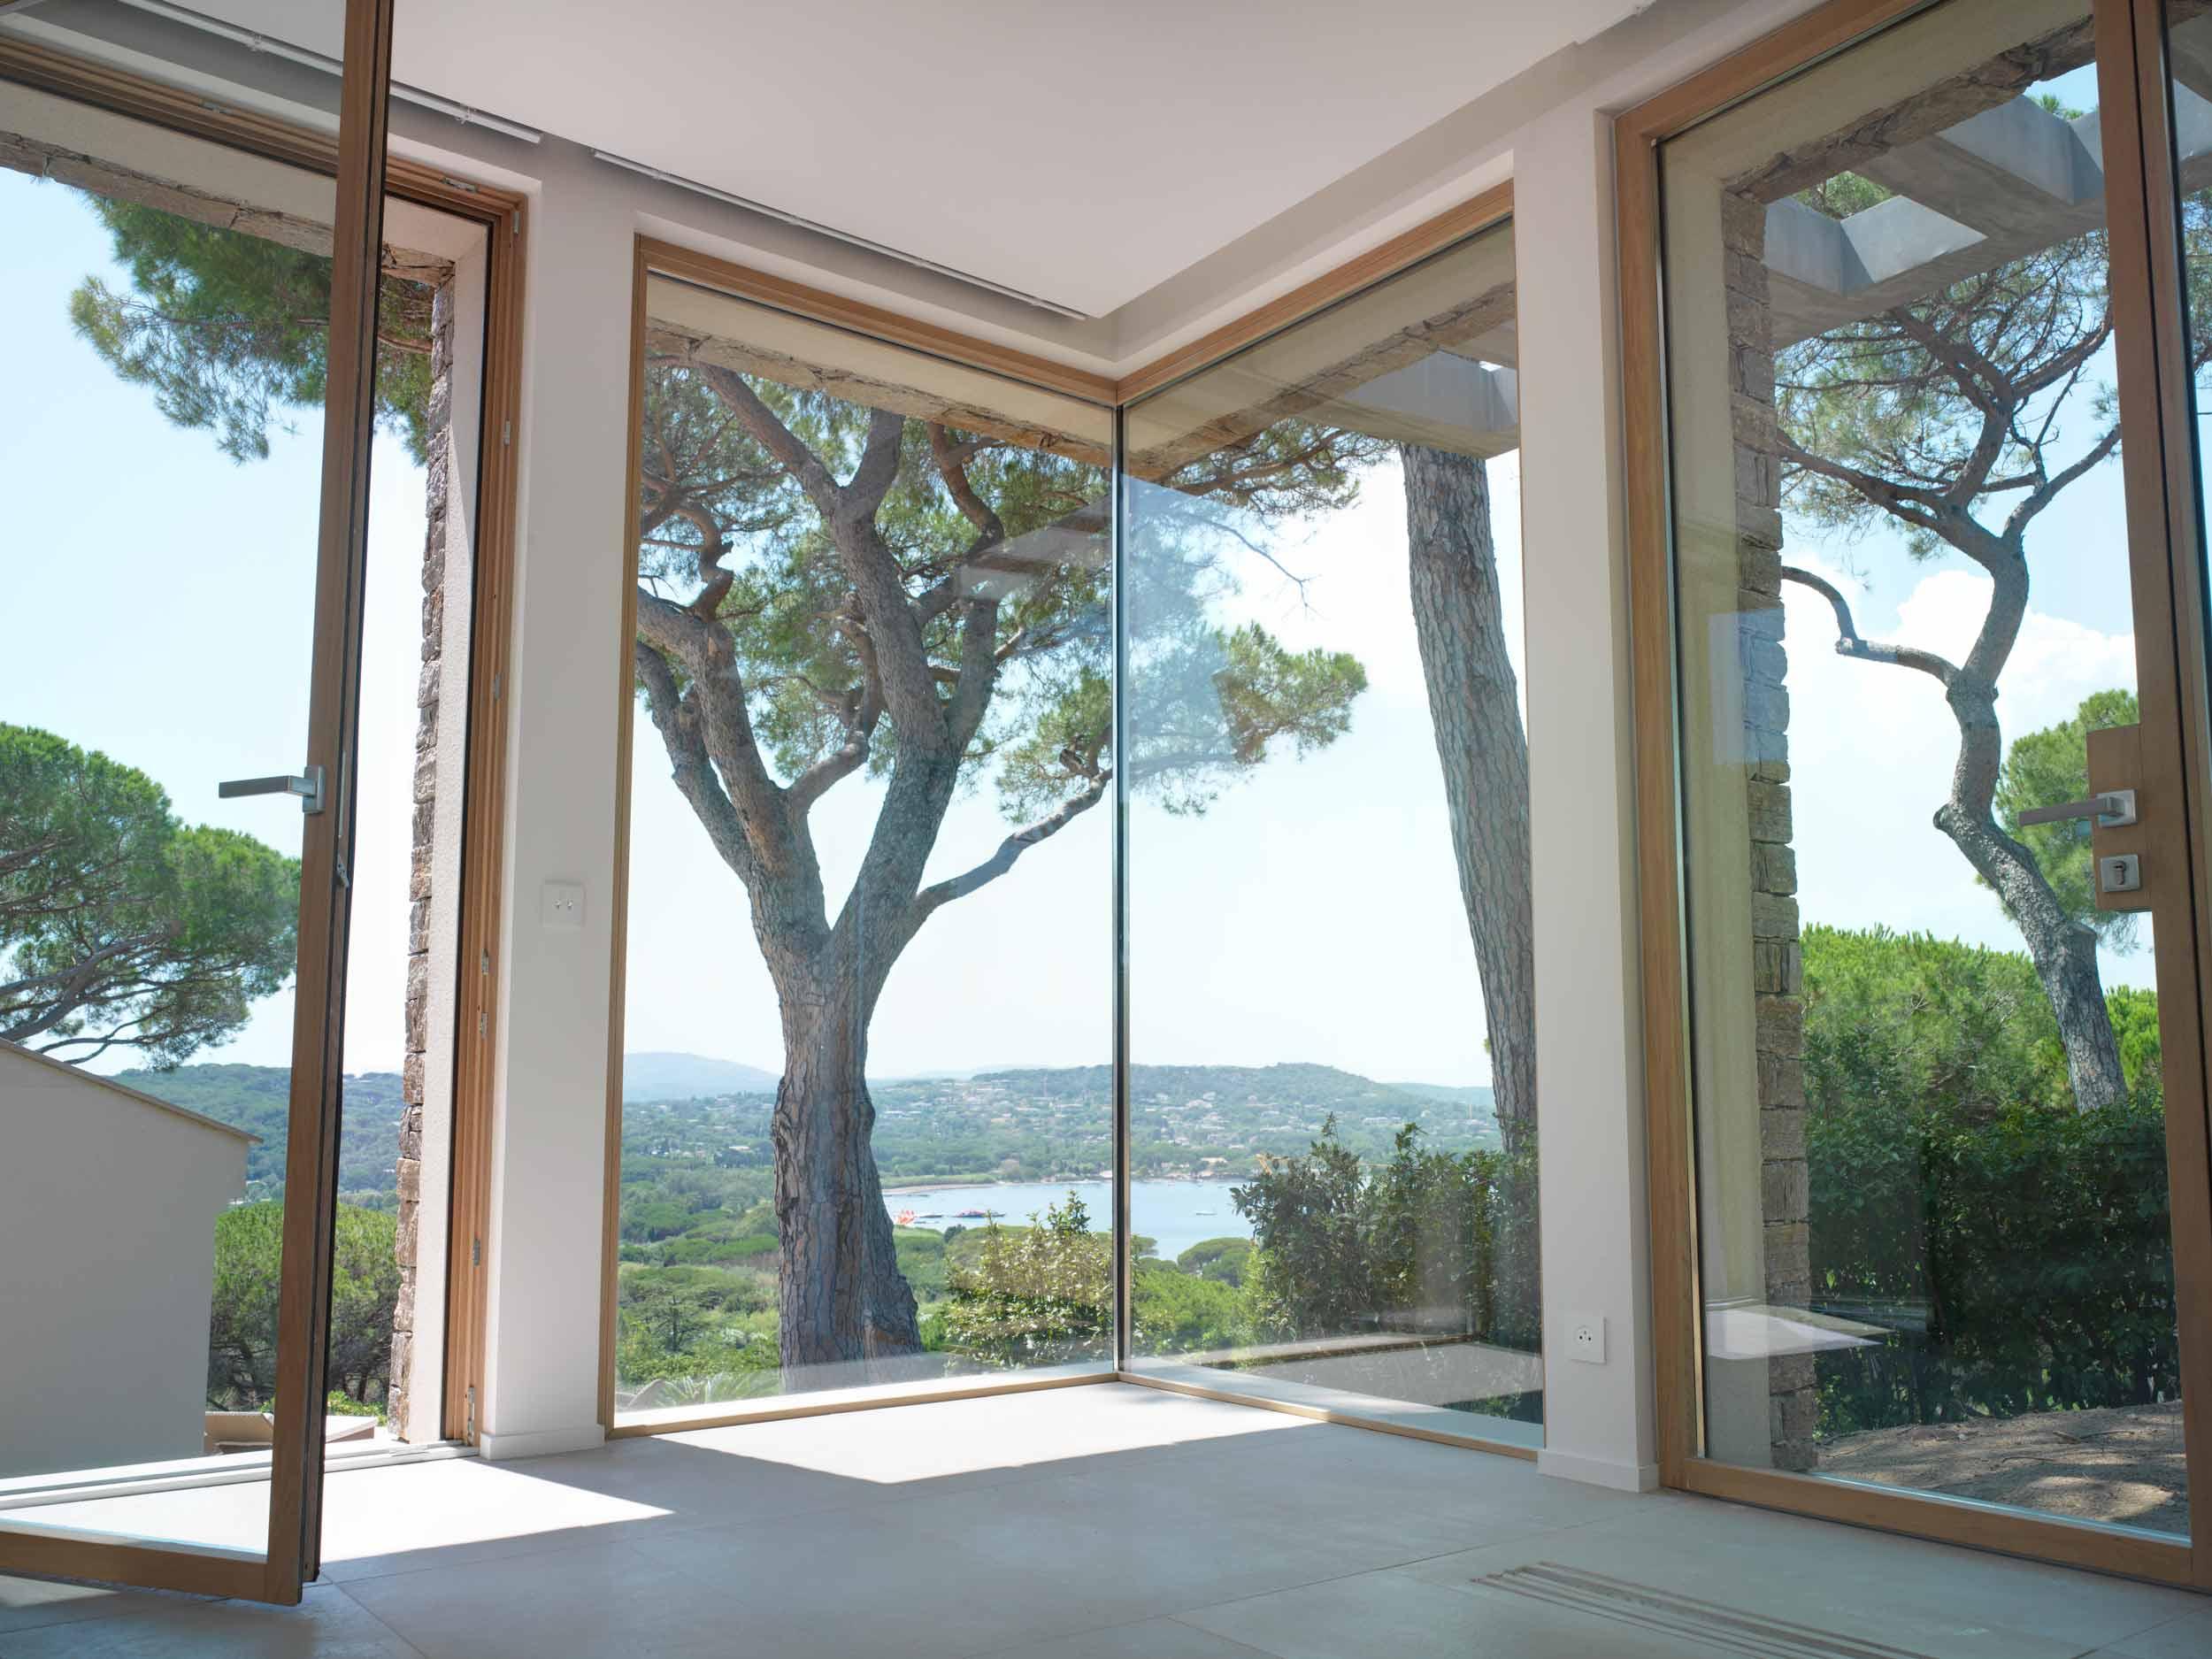 Dettaglio della porta finestra, della portiera e dell'angolo vetrato con vetro fisso incassato installati nella camera da letto